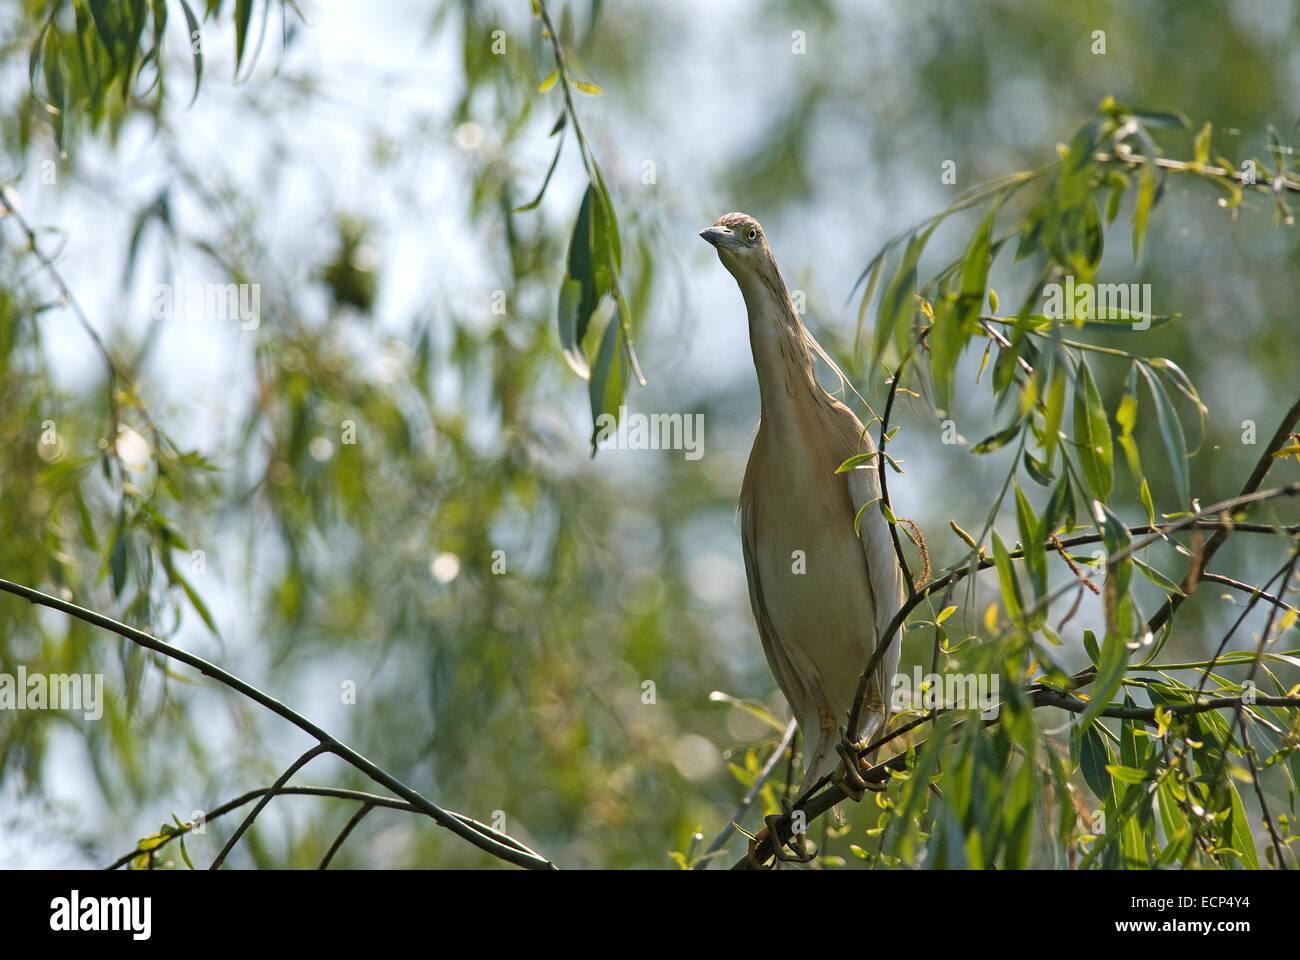 Squacco heron (Ardeola ralloides), Danube delta, Romania, Europa - Stock Image